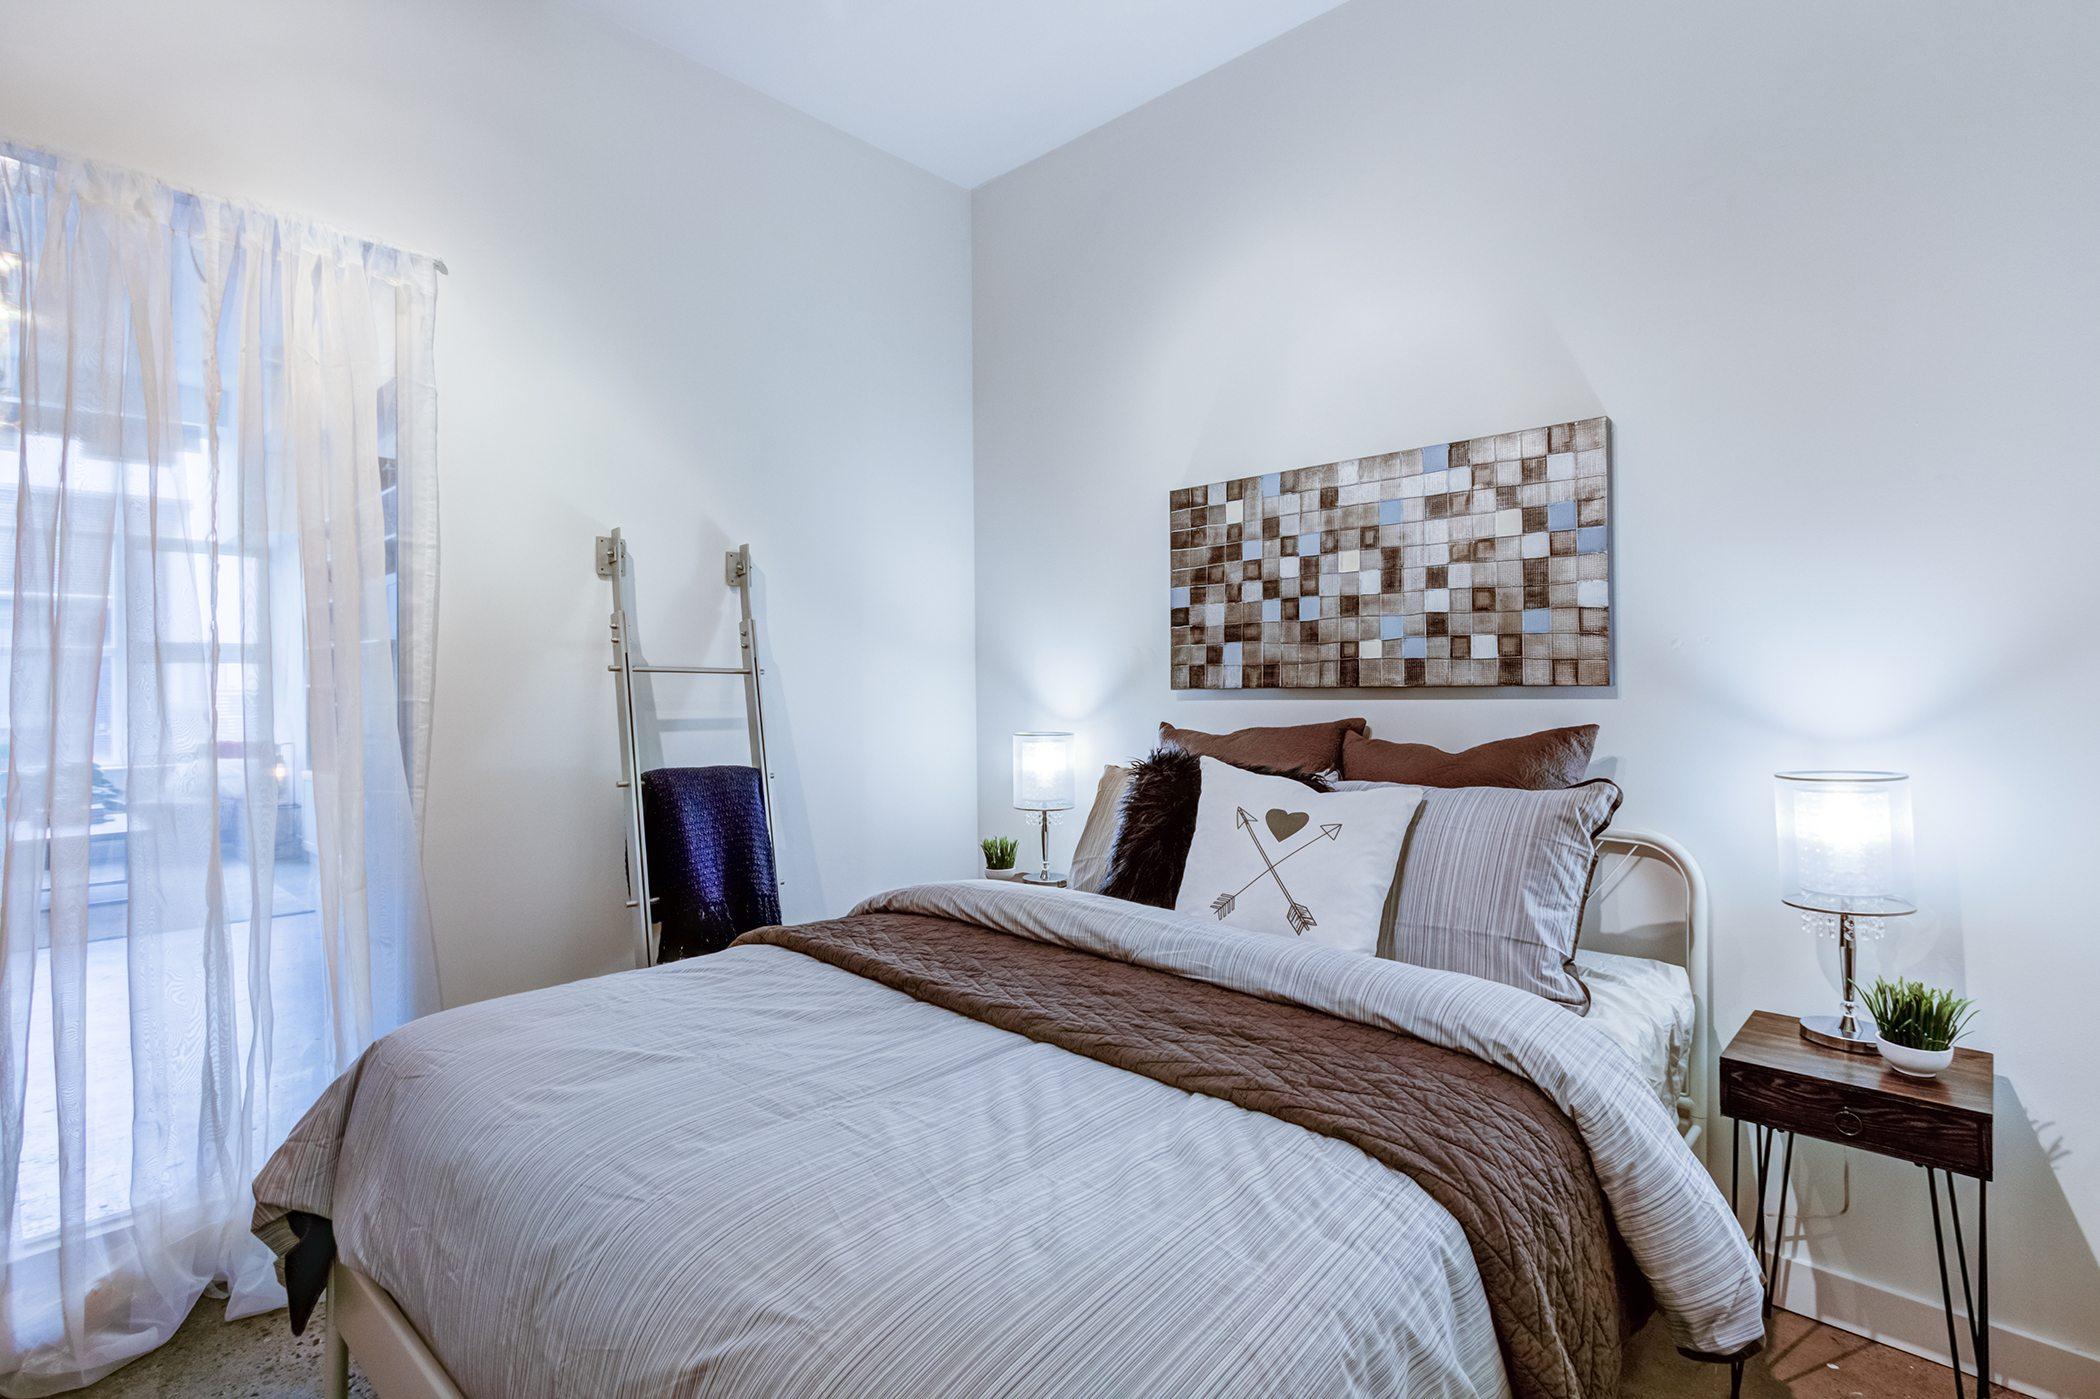 toronto-apartment-for-rent-155-dalhousie-street-6